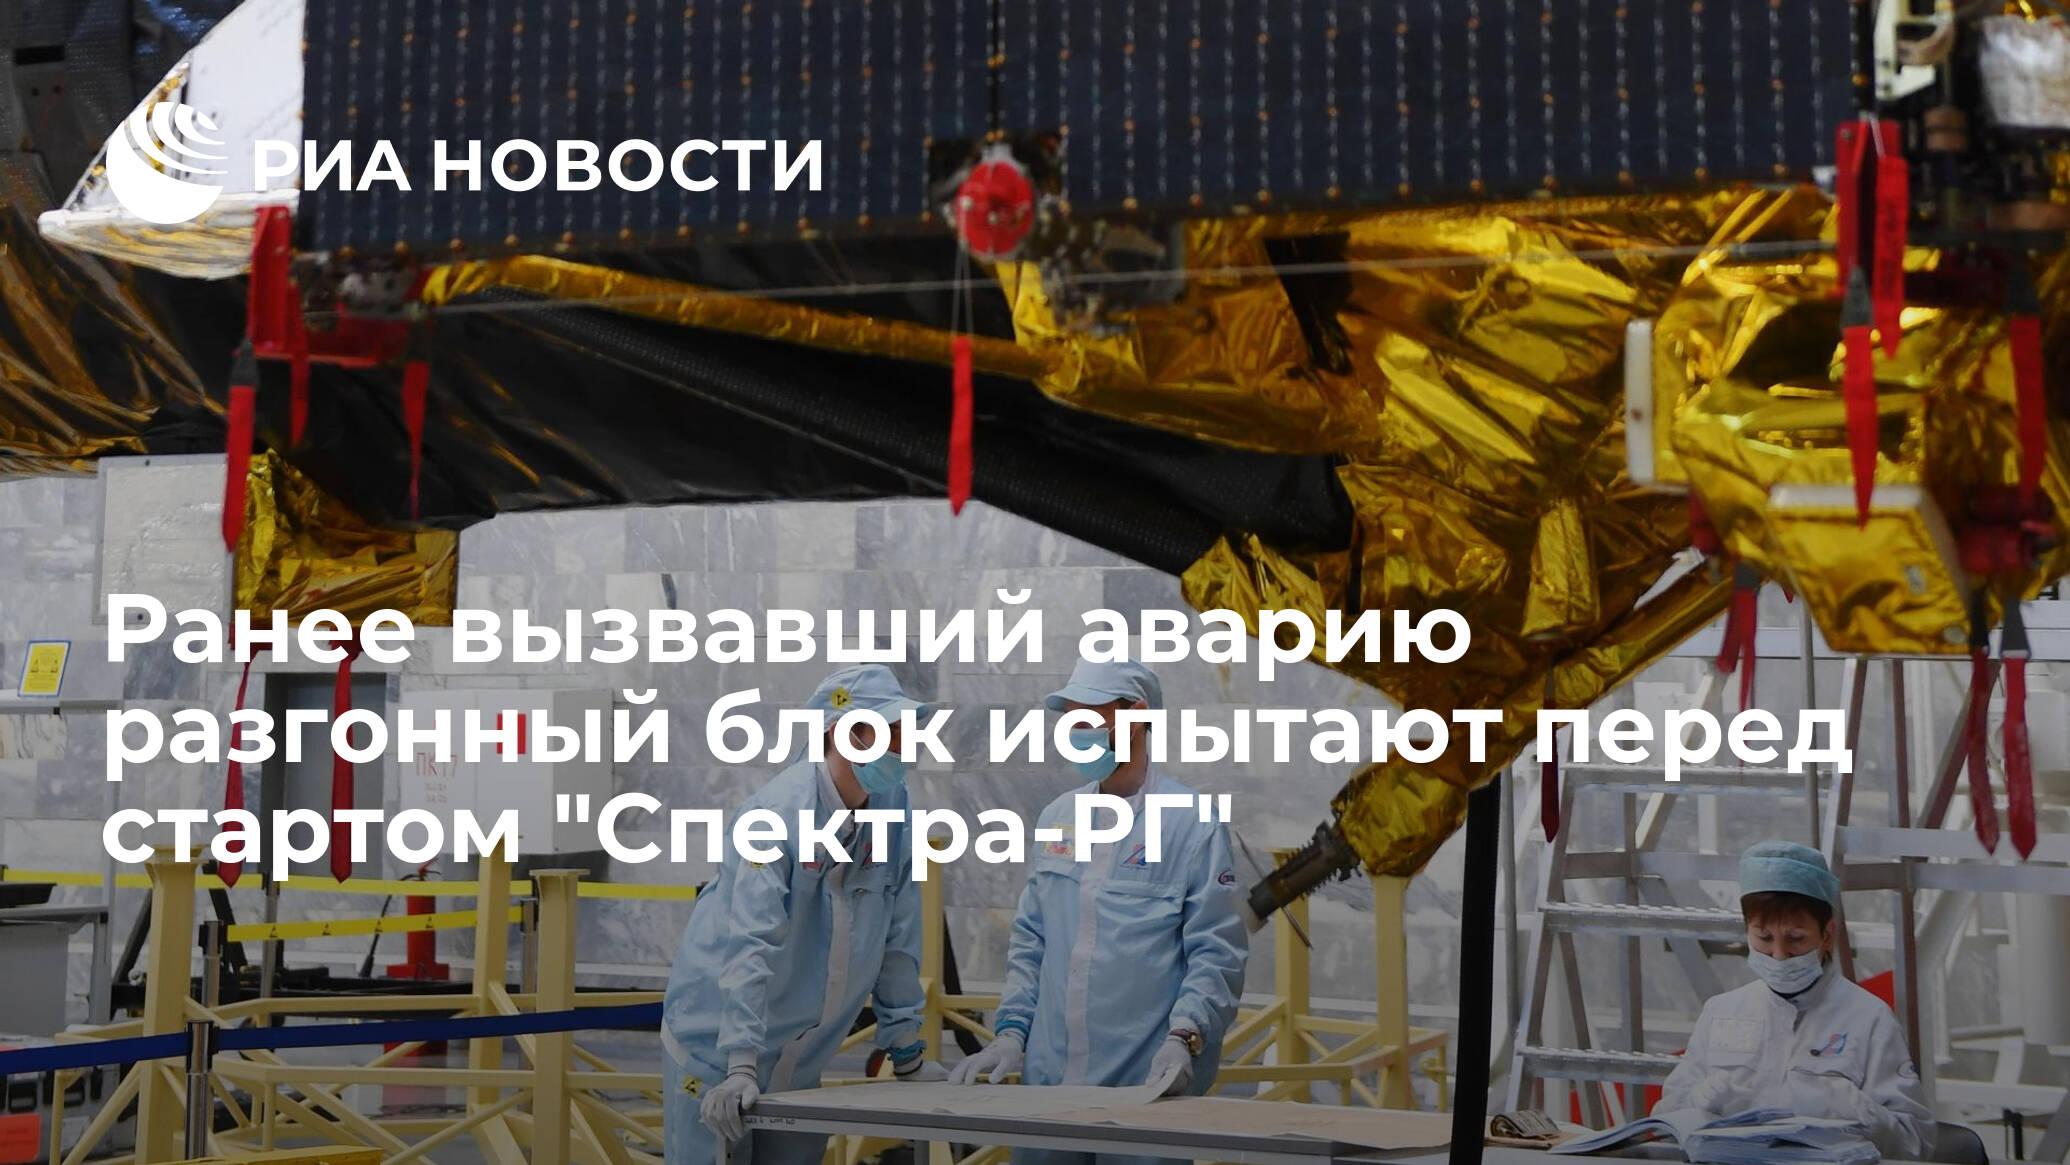 """Ранее вызвавший аварию разгонный блок испытают перед стартом """"Спектра-РГ"""""""